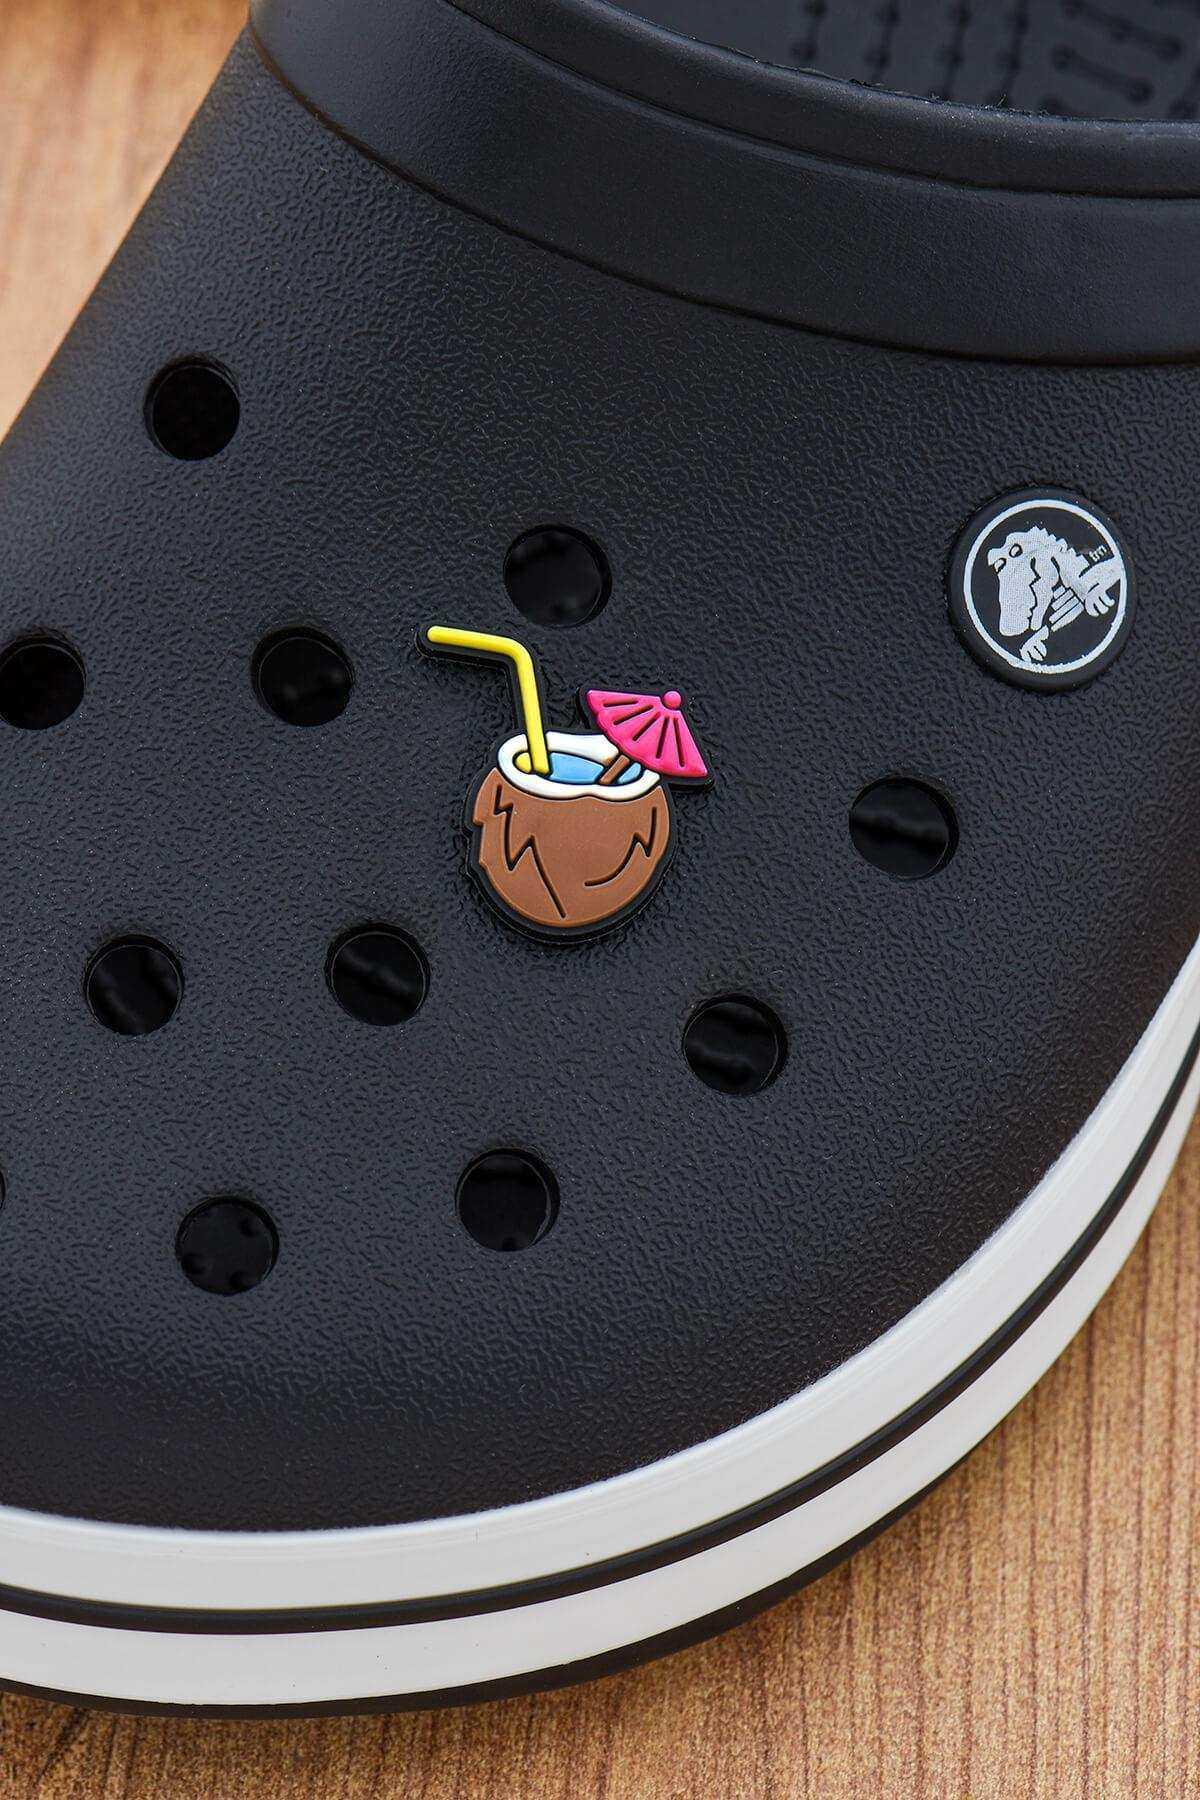 Kokteyl Jibbitz Crocs Süsü Bileklik Terlik Süsü Charm Terlik Aksesuarı - CRS0098